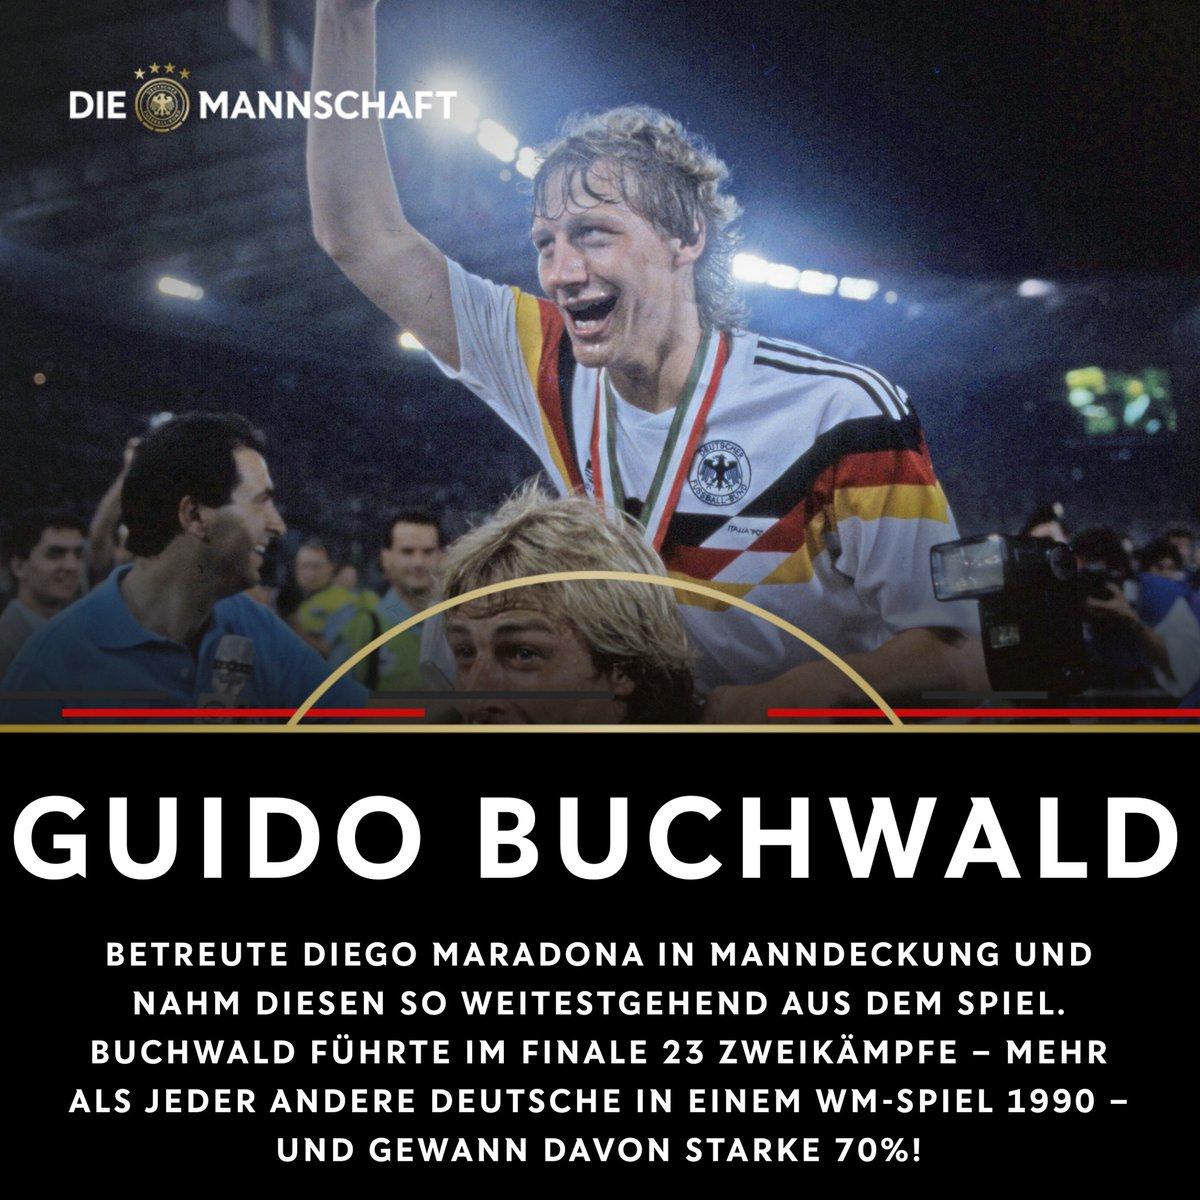 Bärenstark, Guido Buchwald! 💪  Weitere Fakten zum WM-Finale 1990 - vor genau 3️⃣0️⃣ Jahren - lest ihr hier ➡️ https://t.co/Zv31fk5Ja5  #Throwback #30Jahre⭐⭐⭐ https://t.co/RXljgFknSf